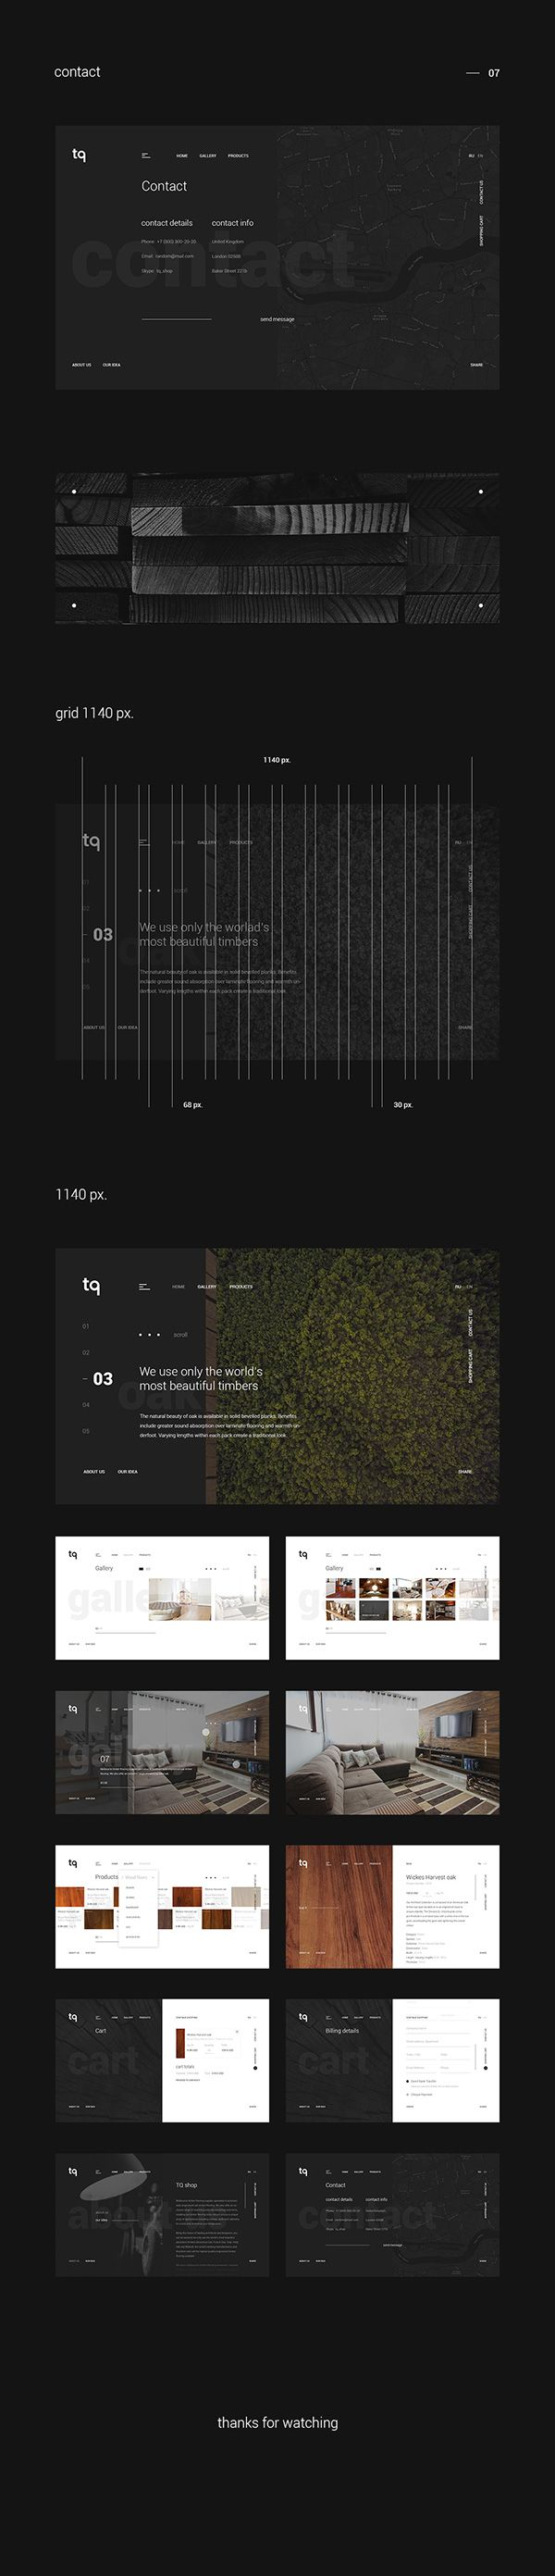 TQ shop website concept on Web Design Served